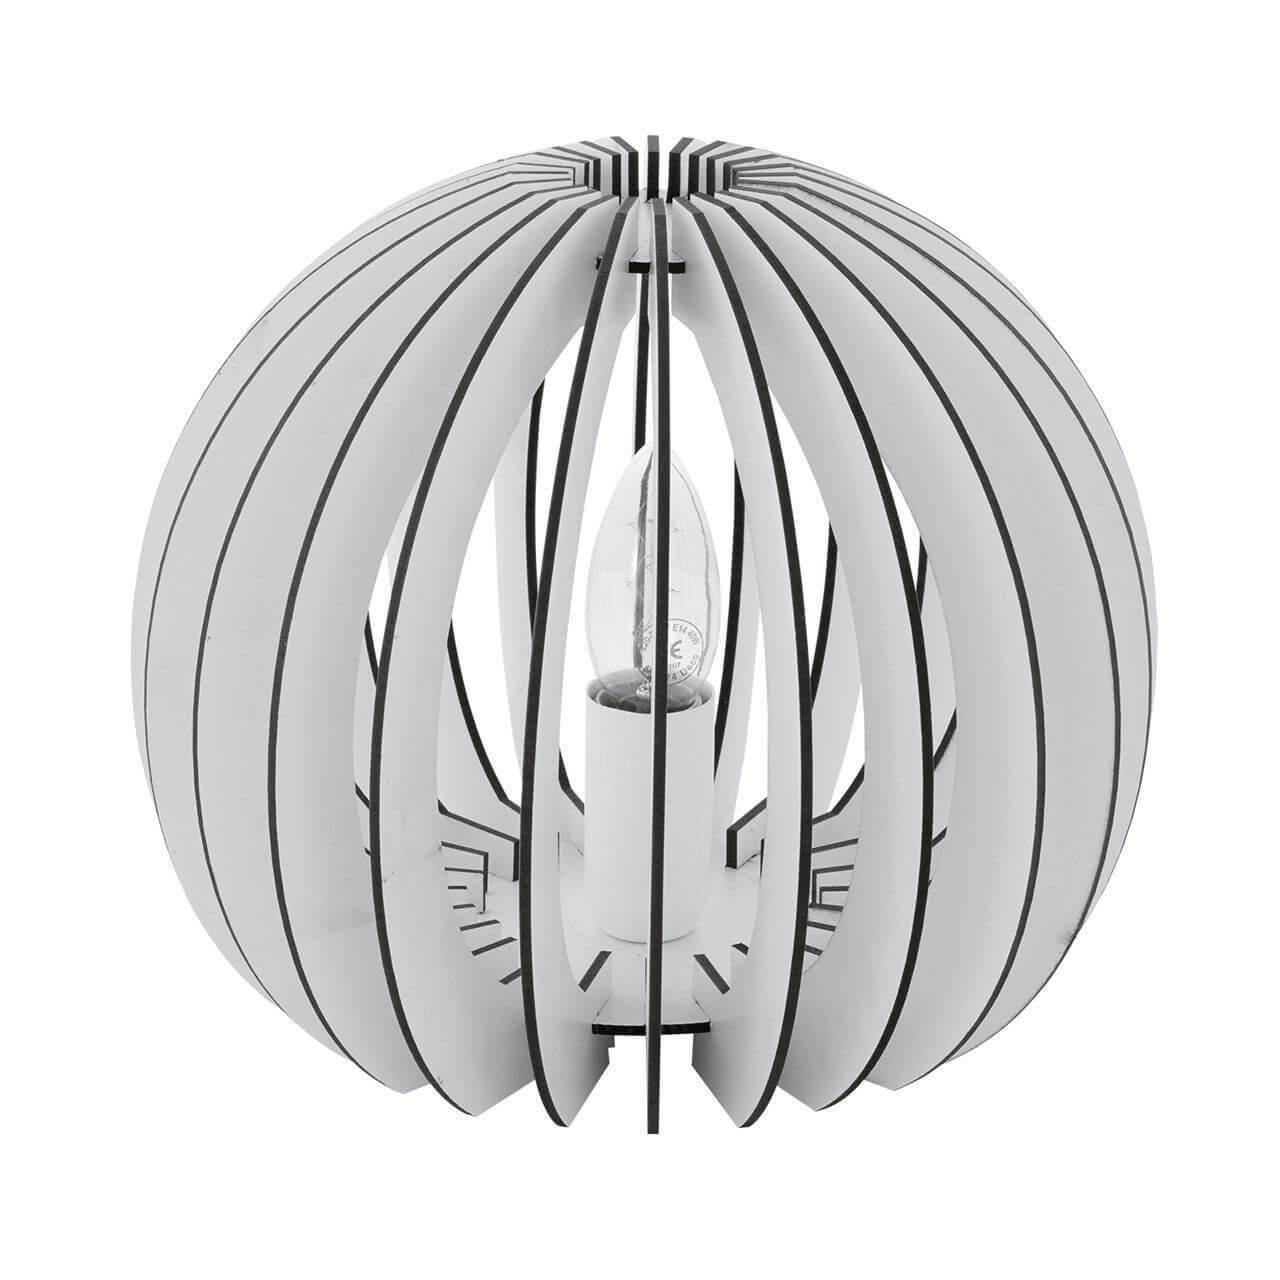 Настольная лампа Eglo 94949 Cossano настольная лампа eglo cossano 95793 40 вт